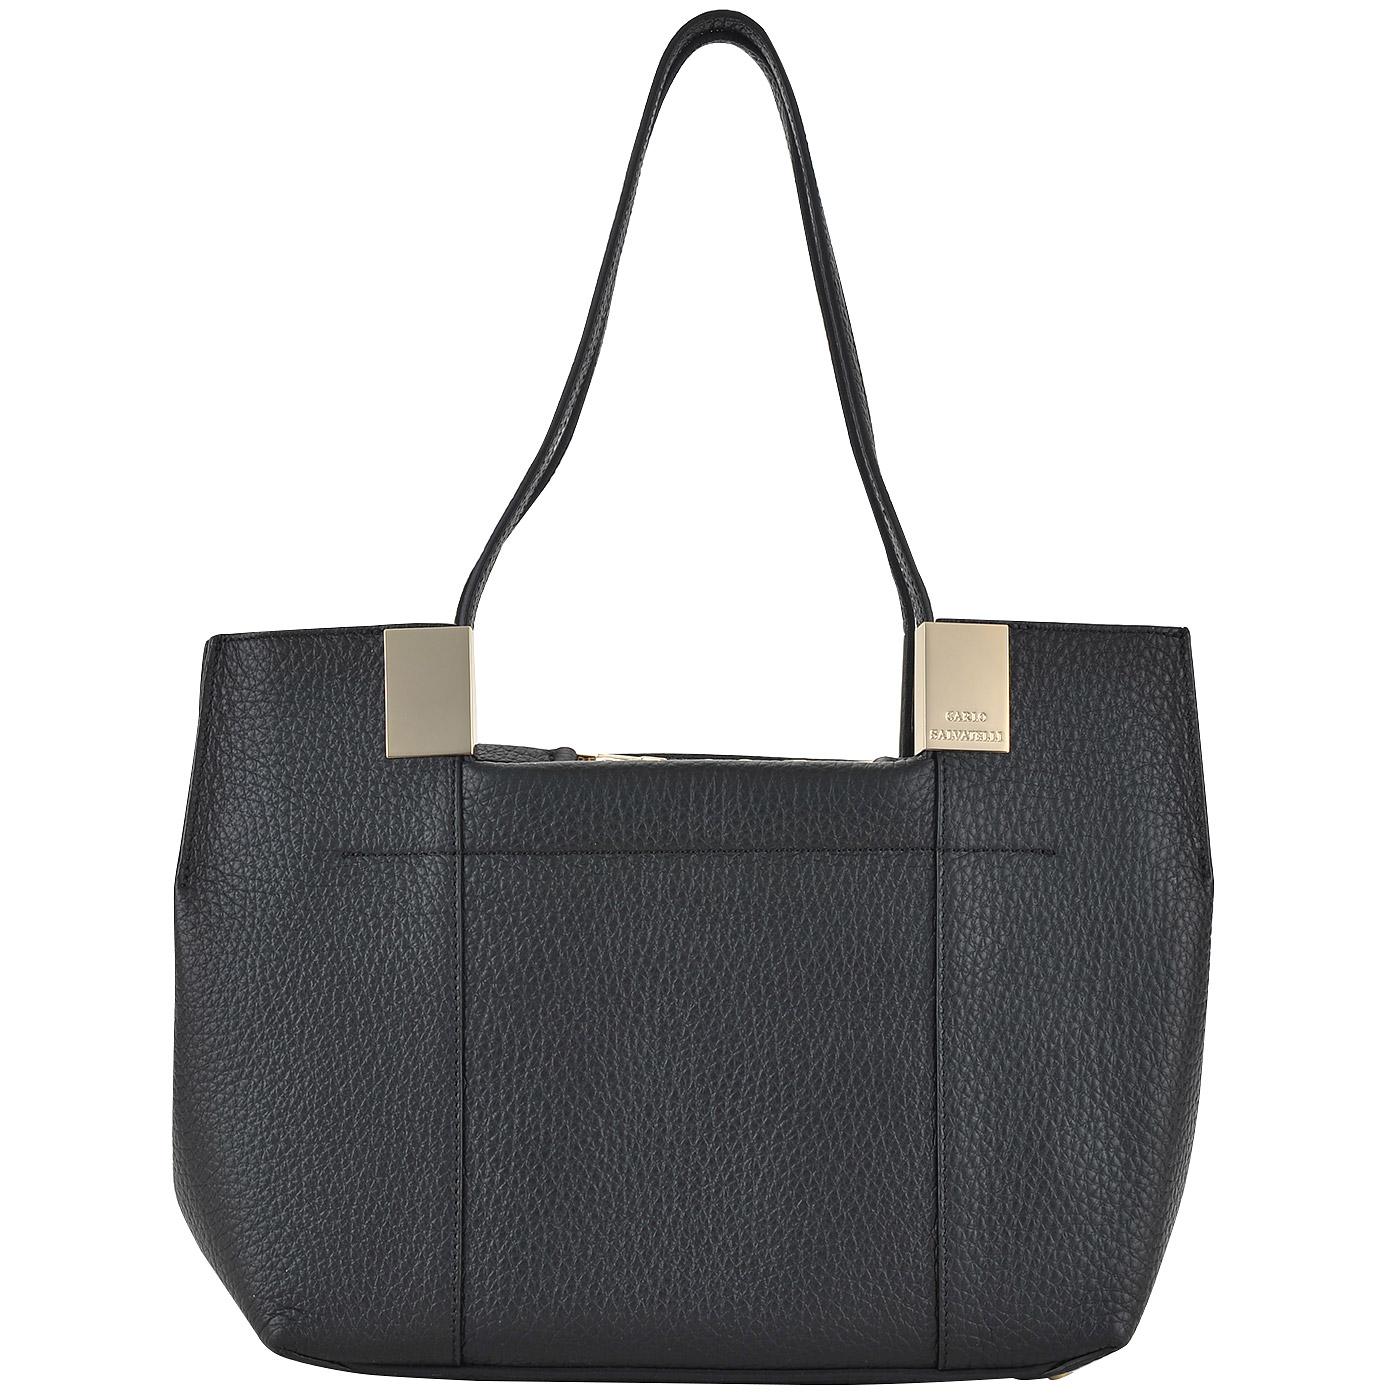 363714ec79f6 ... Черная женская сумка из натуральной кожи Carlo Salvatelli Barone ...